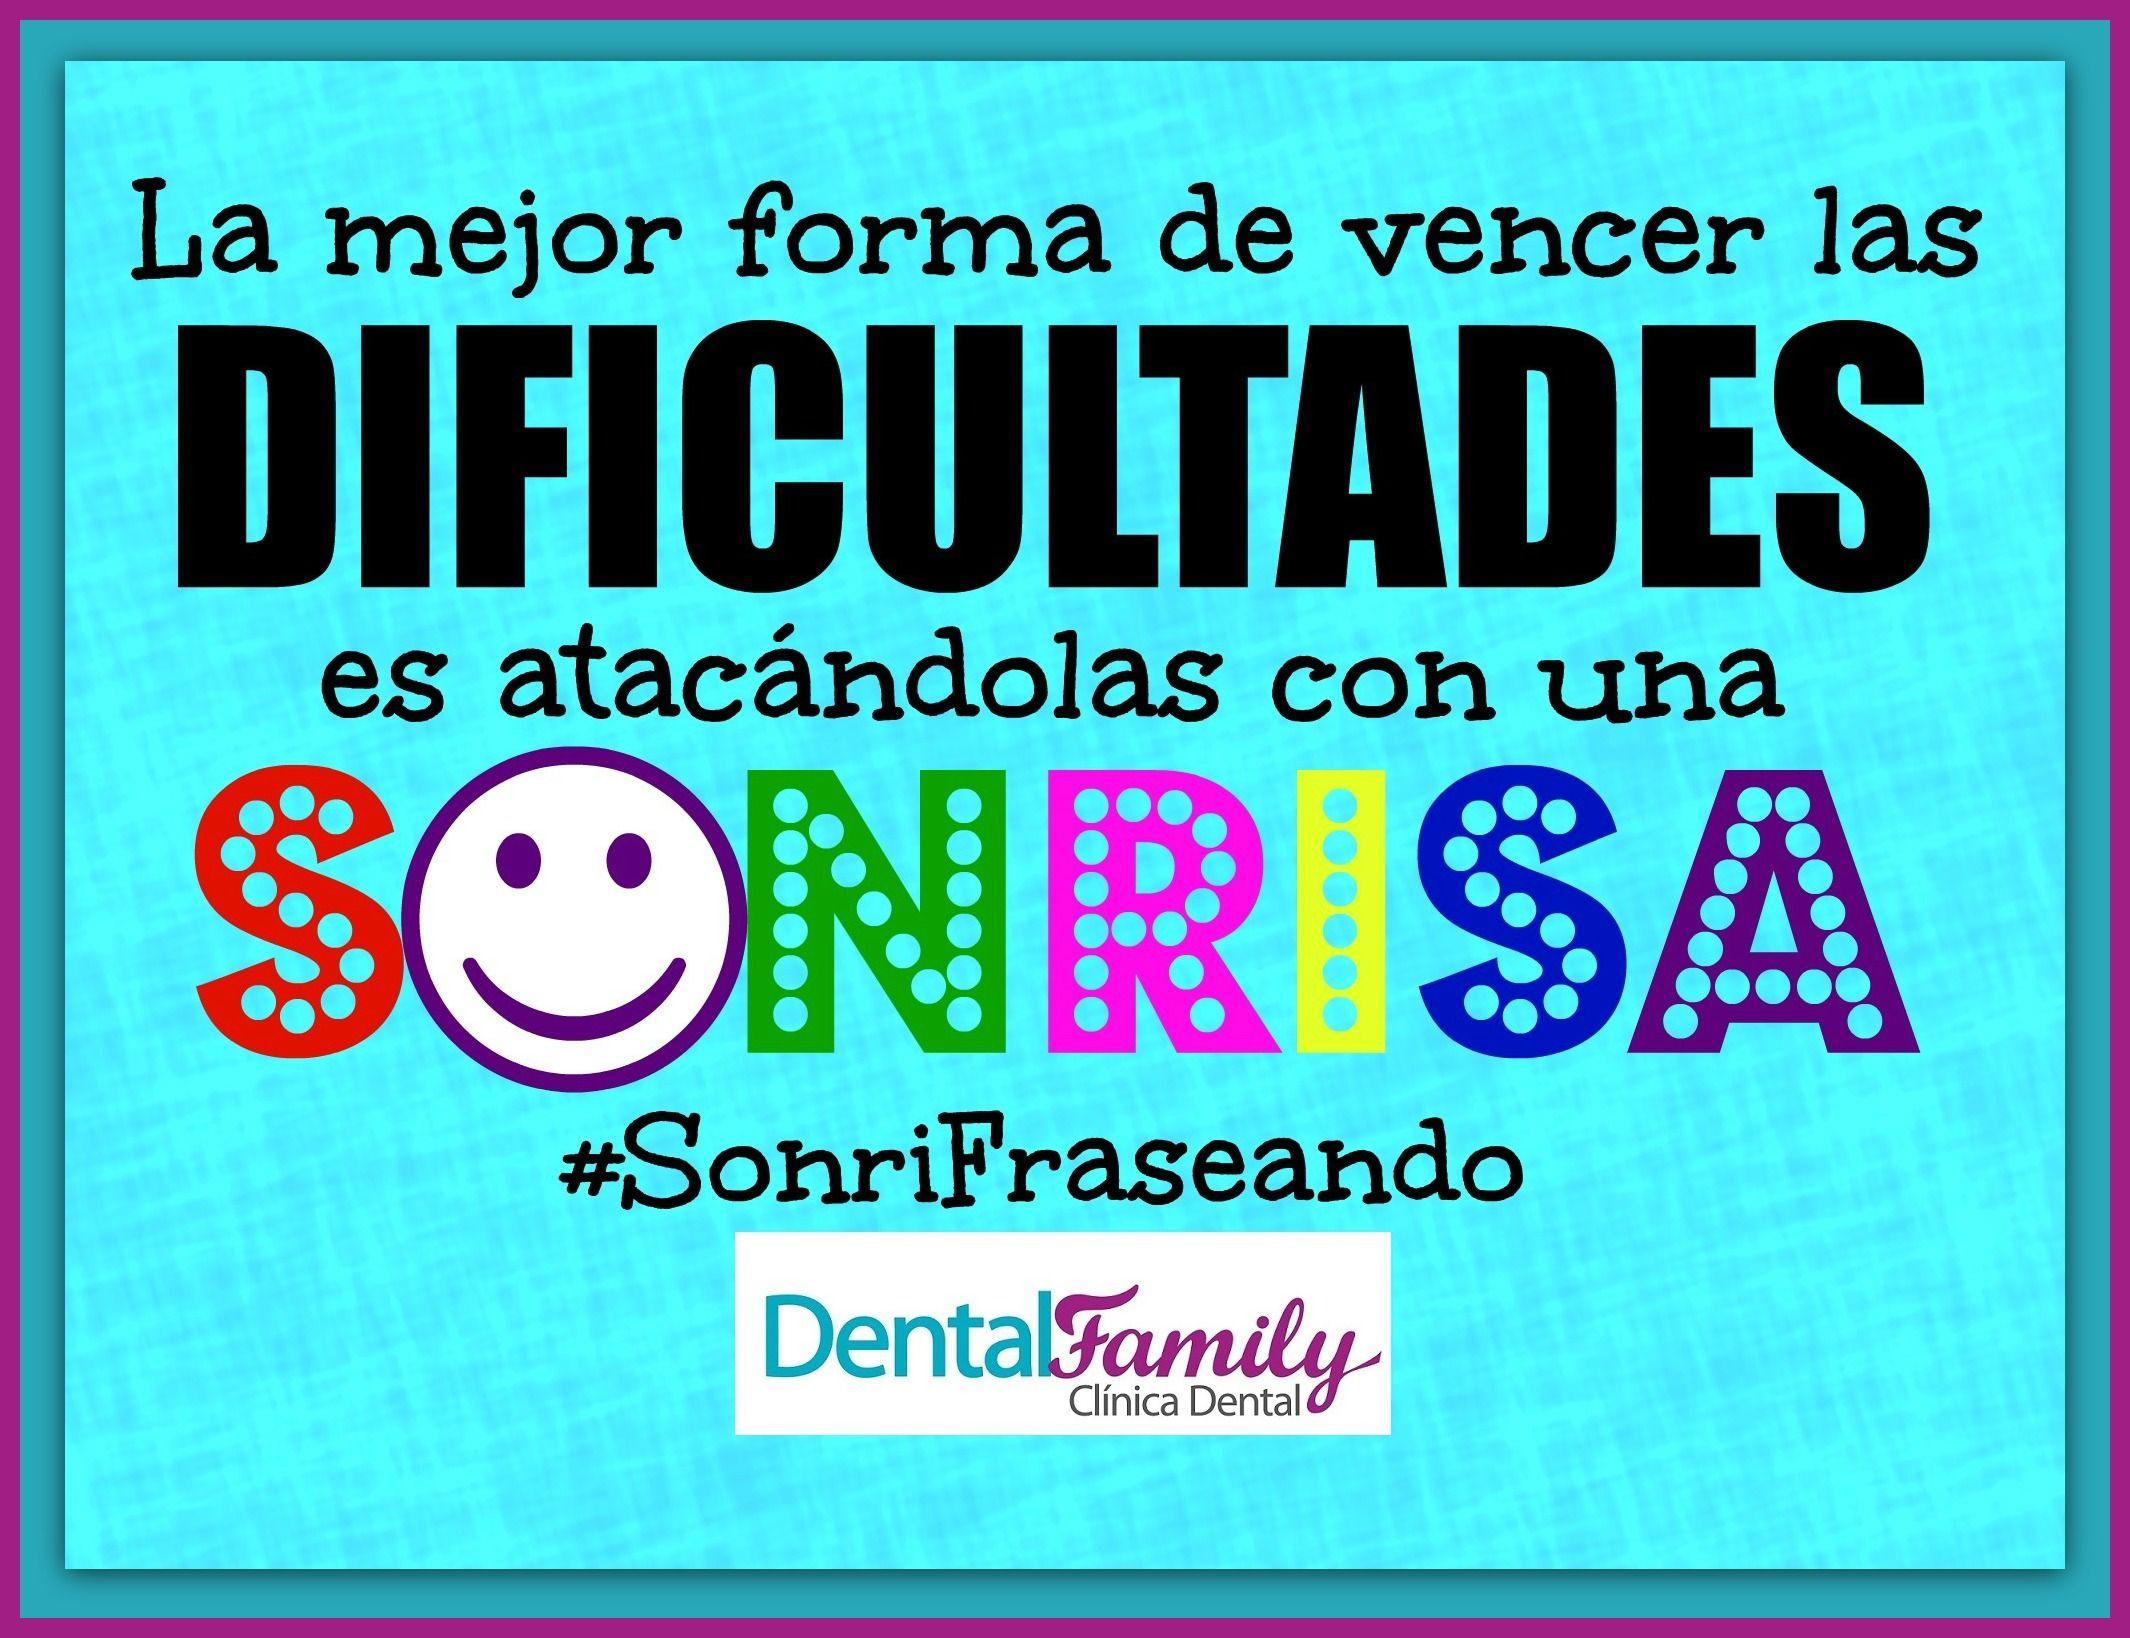 """¡¡Anímate a """"sonrifrasear"""" con nosotros!! ¡¡Las mejores frases sobre la sonrisa y para motivarnos están en www.sevilla-dentista.com !! #SonriFraseando #ClínicaDentalFamily #FelizJueves #DentistaSevilla #Dentista #Sevilla #Salud #Sonrisas #Odontología #Citas #Frases #Motivación """